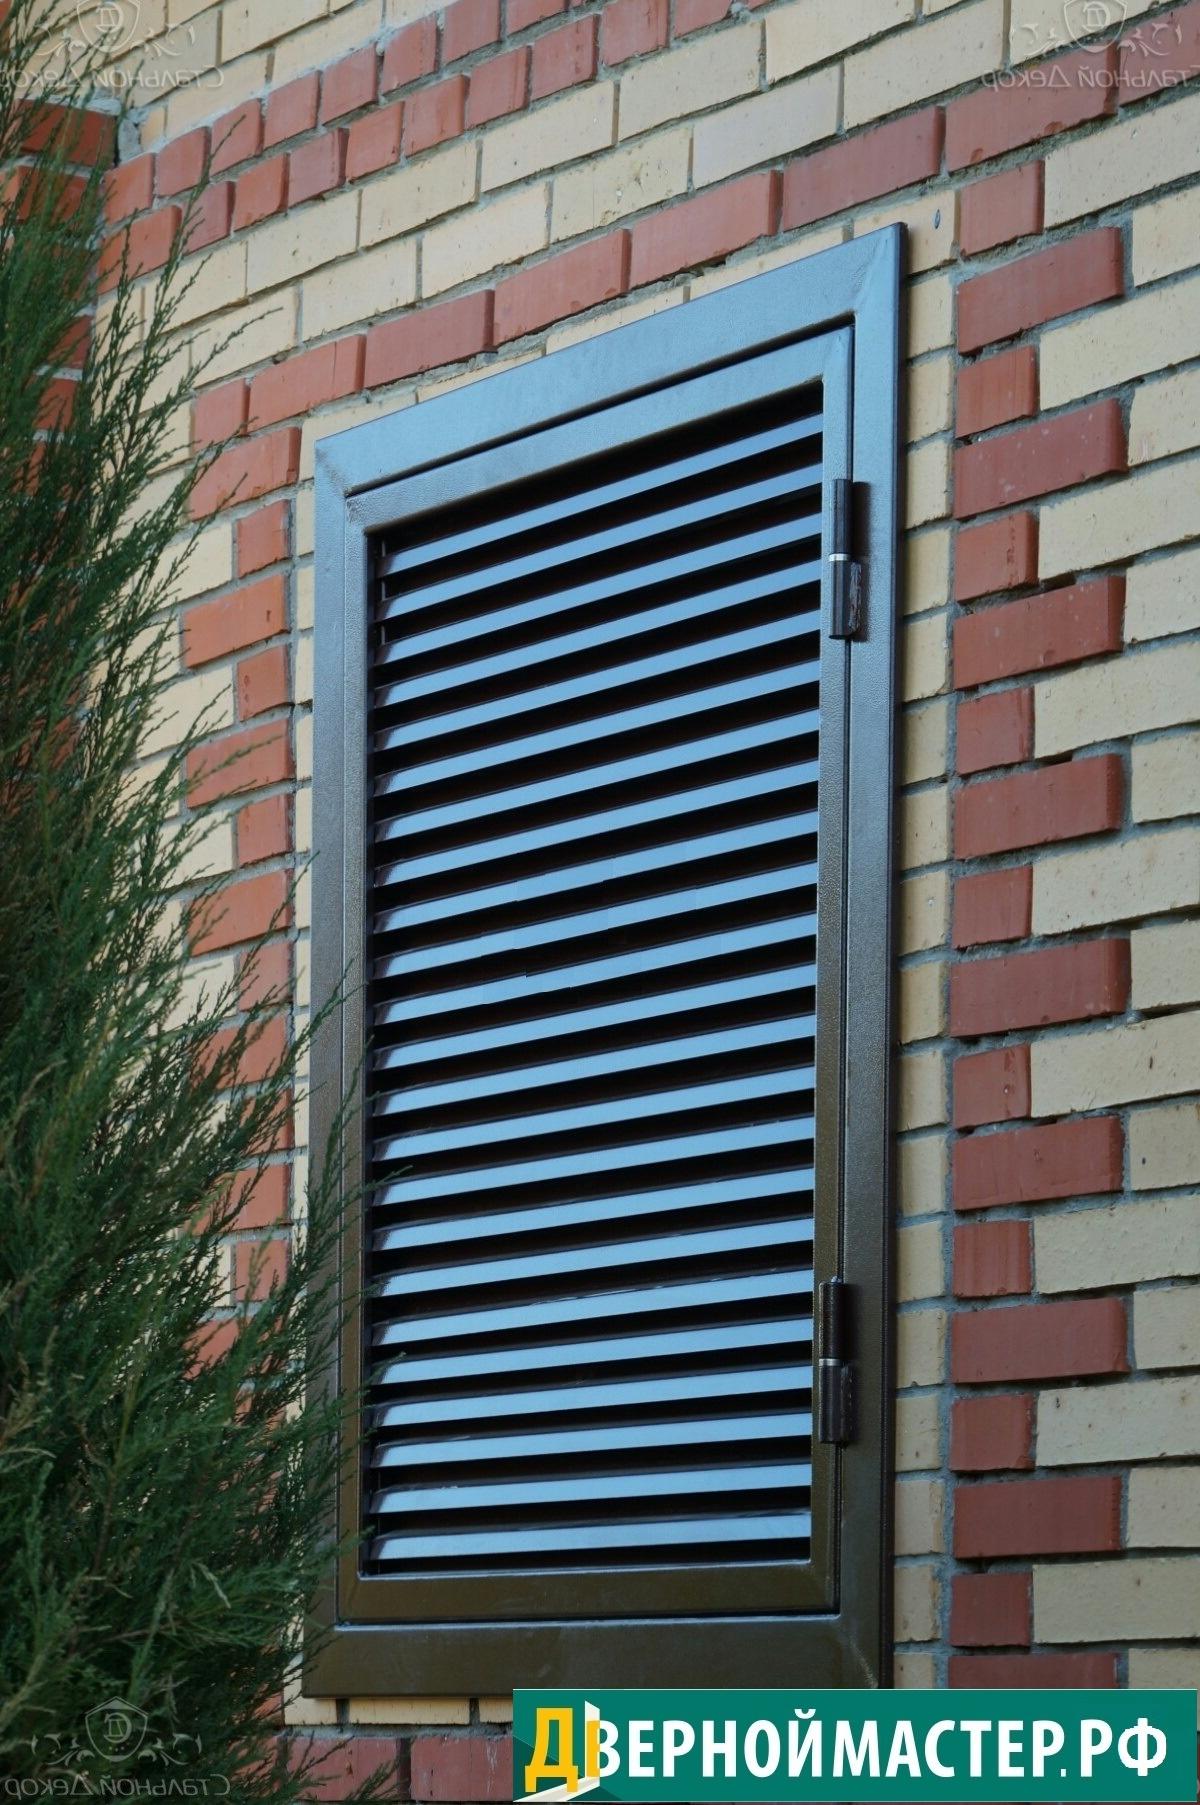 Ставни жалюзи на окна одностворчатые на кирпичной стене.